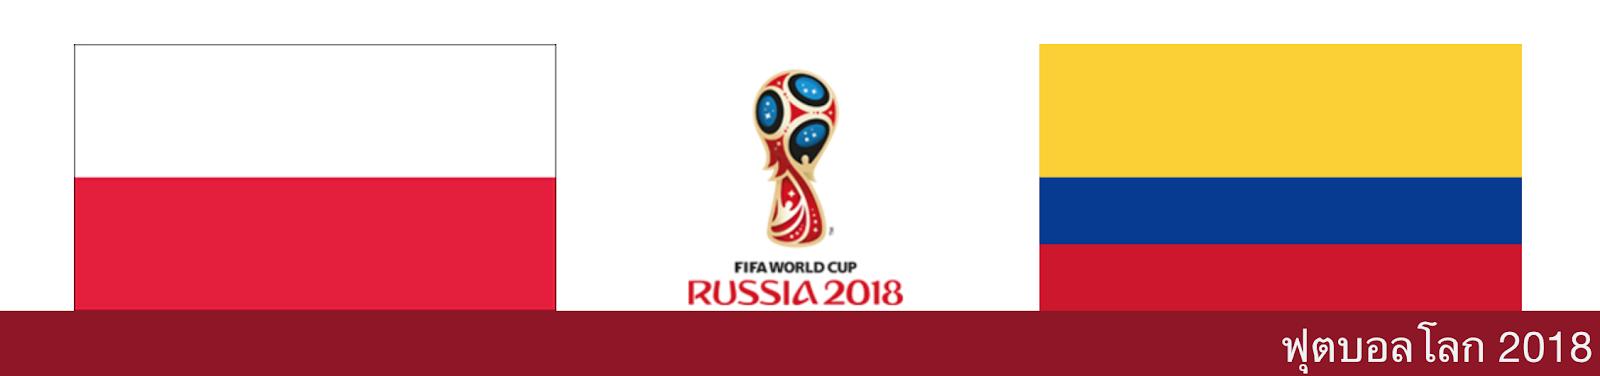 แทงบอลออนไลน์ วิเคราะห์บอล ฟุตบอลโลก โปแลนด์ vs โคลอมเบีย